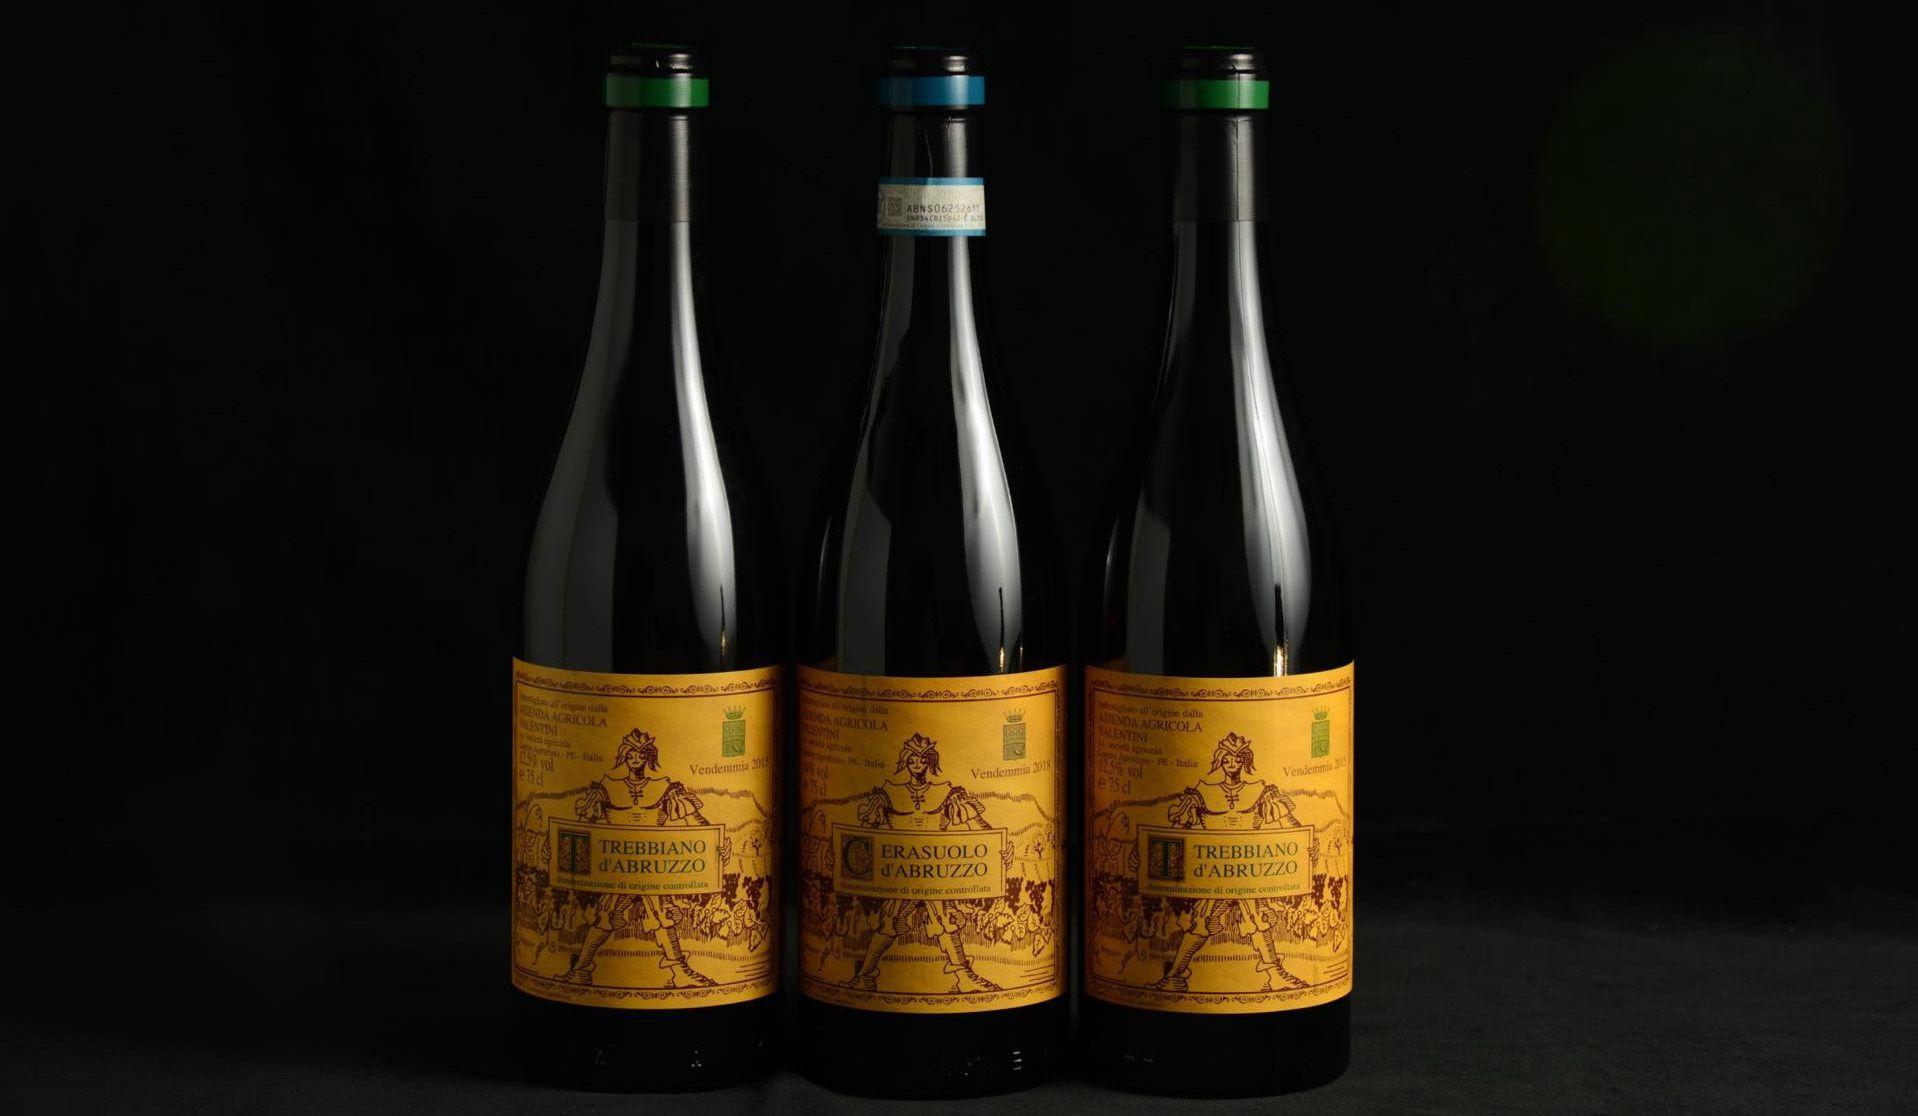 ヴァレンティーニのワイン